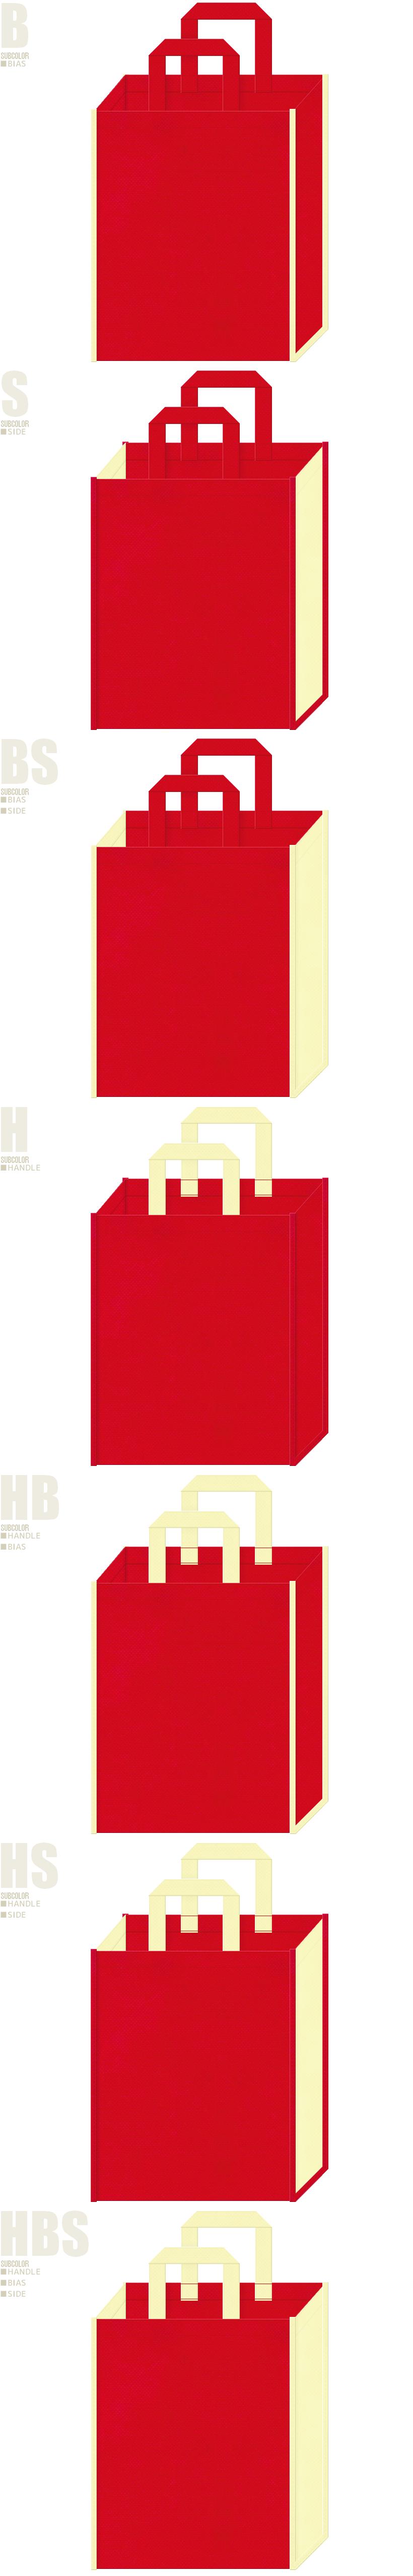 福袋・ひな祭り・和風催事にお奨めの不織布バッグデザイン:紅色と薄黄色の配色7パターン